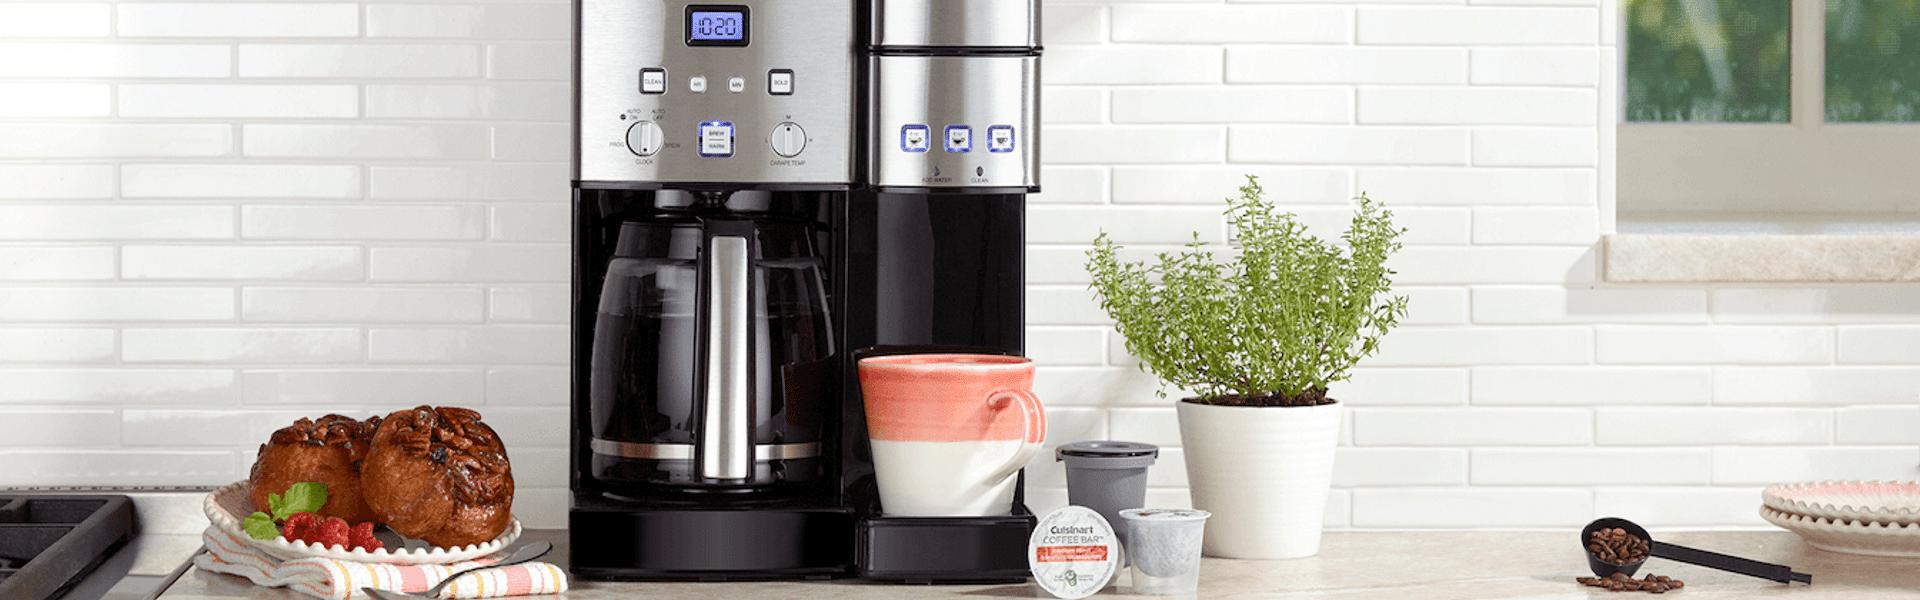 Best Dual Coffee Makers Reviewed in Detail